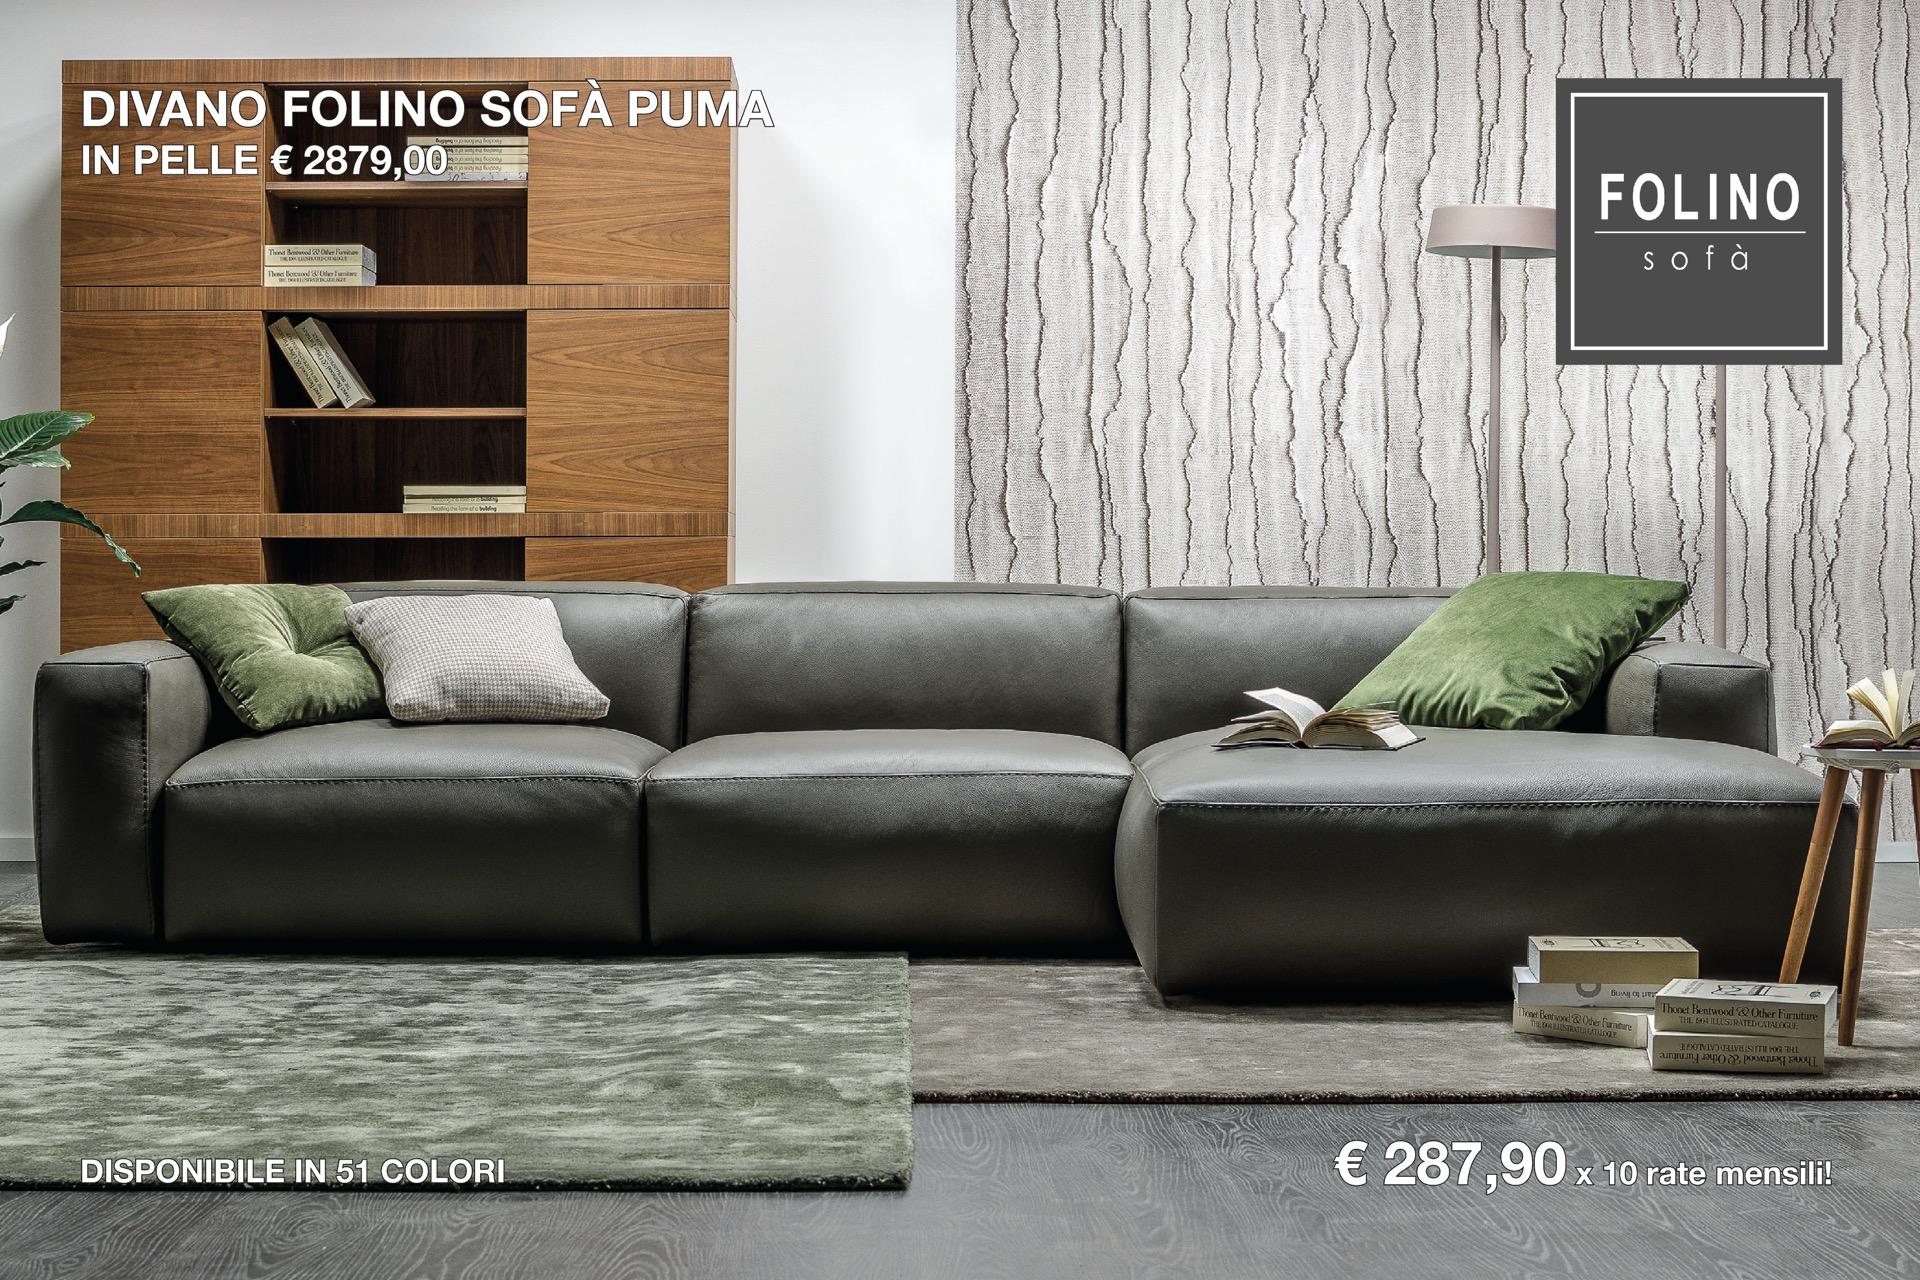 Divani In Pelle Promozioni.Divani In Promozione A Milano Arredamenti Milano Folino